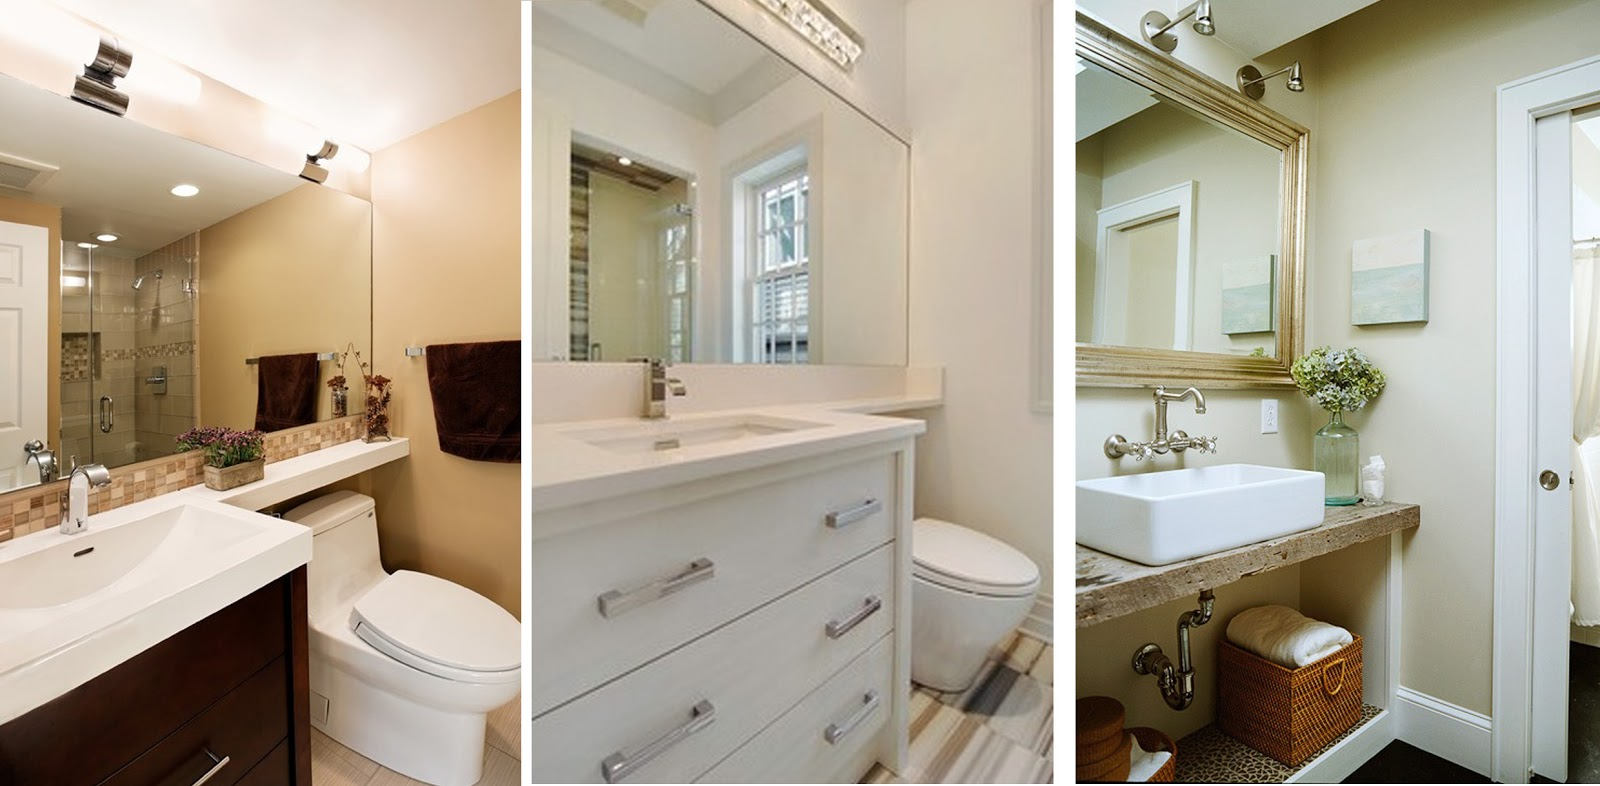 Imagenes De Baños Grandes:Cómo seguro que todos ya sabéis, los espejos amplian los espacios, y